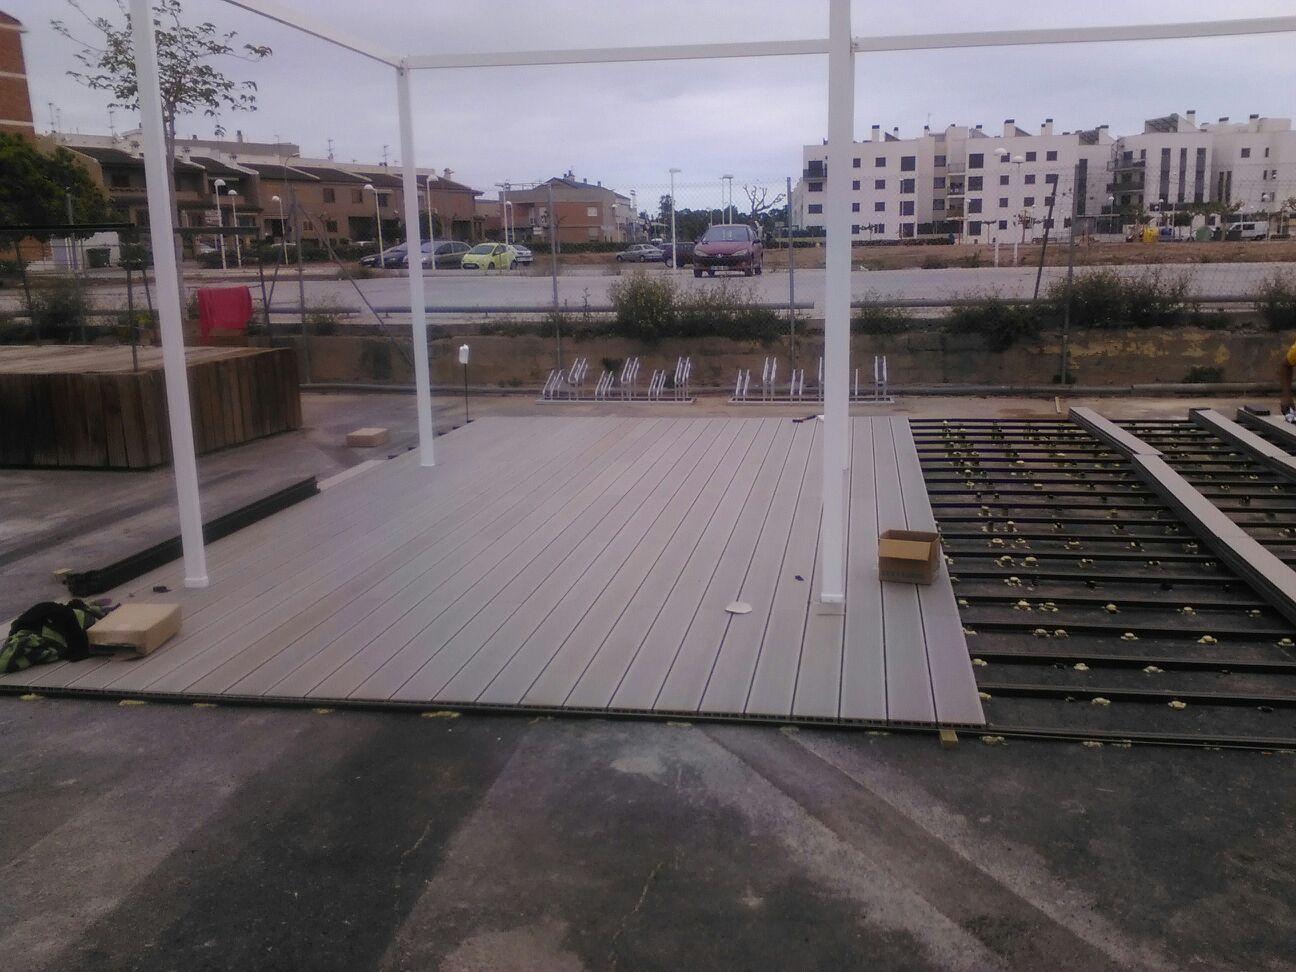 Foto 9 de Venta de parquet en Valencia en Chiva | Vimo Parquets